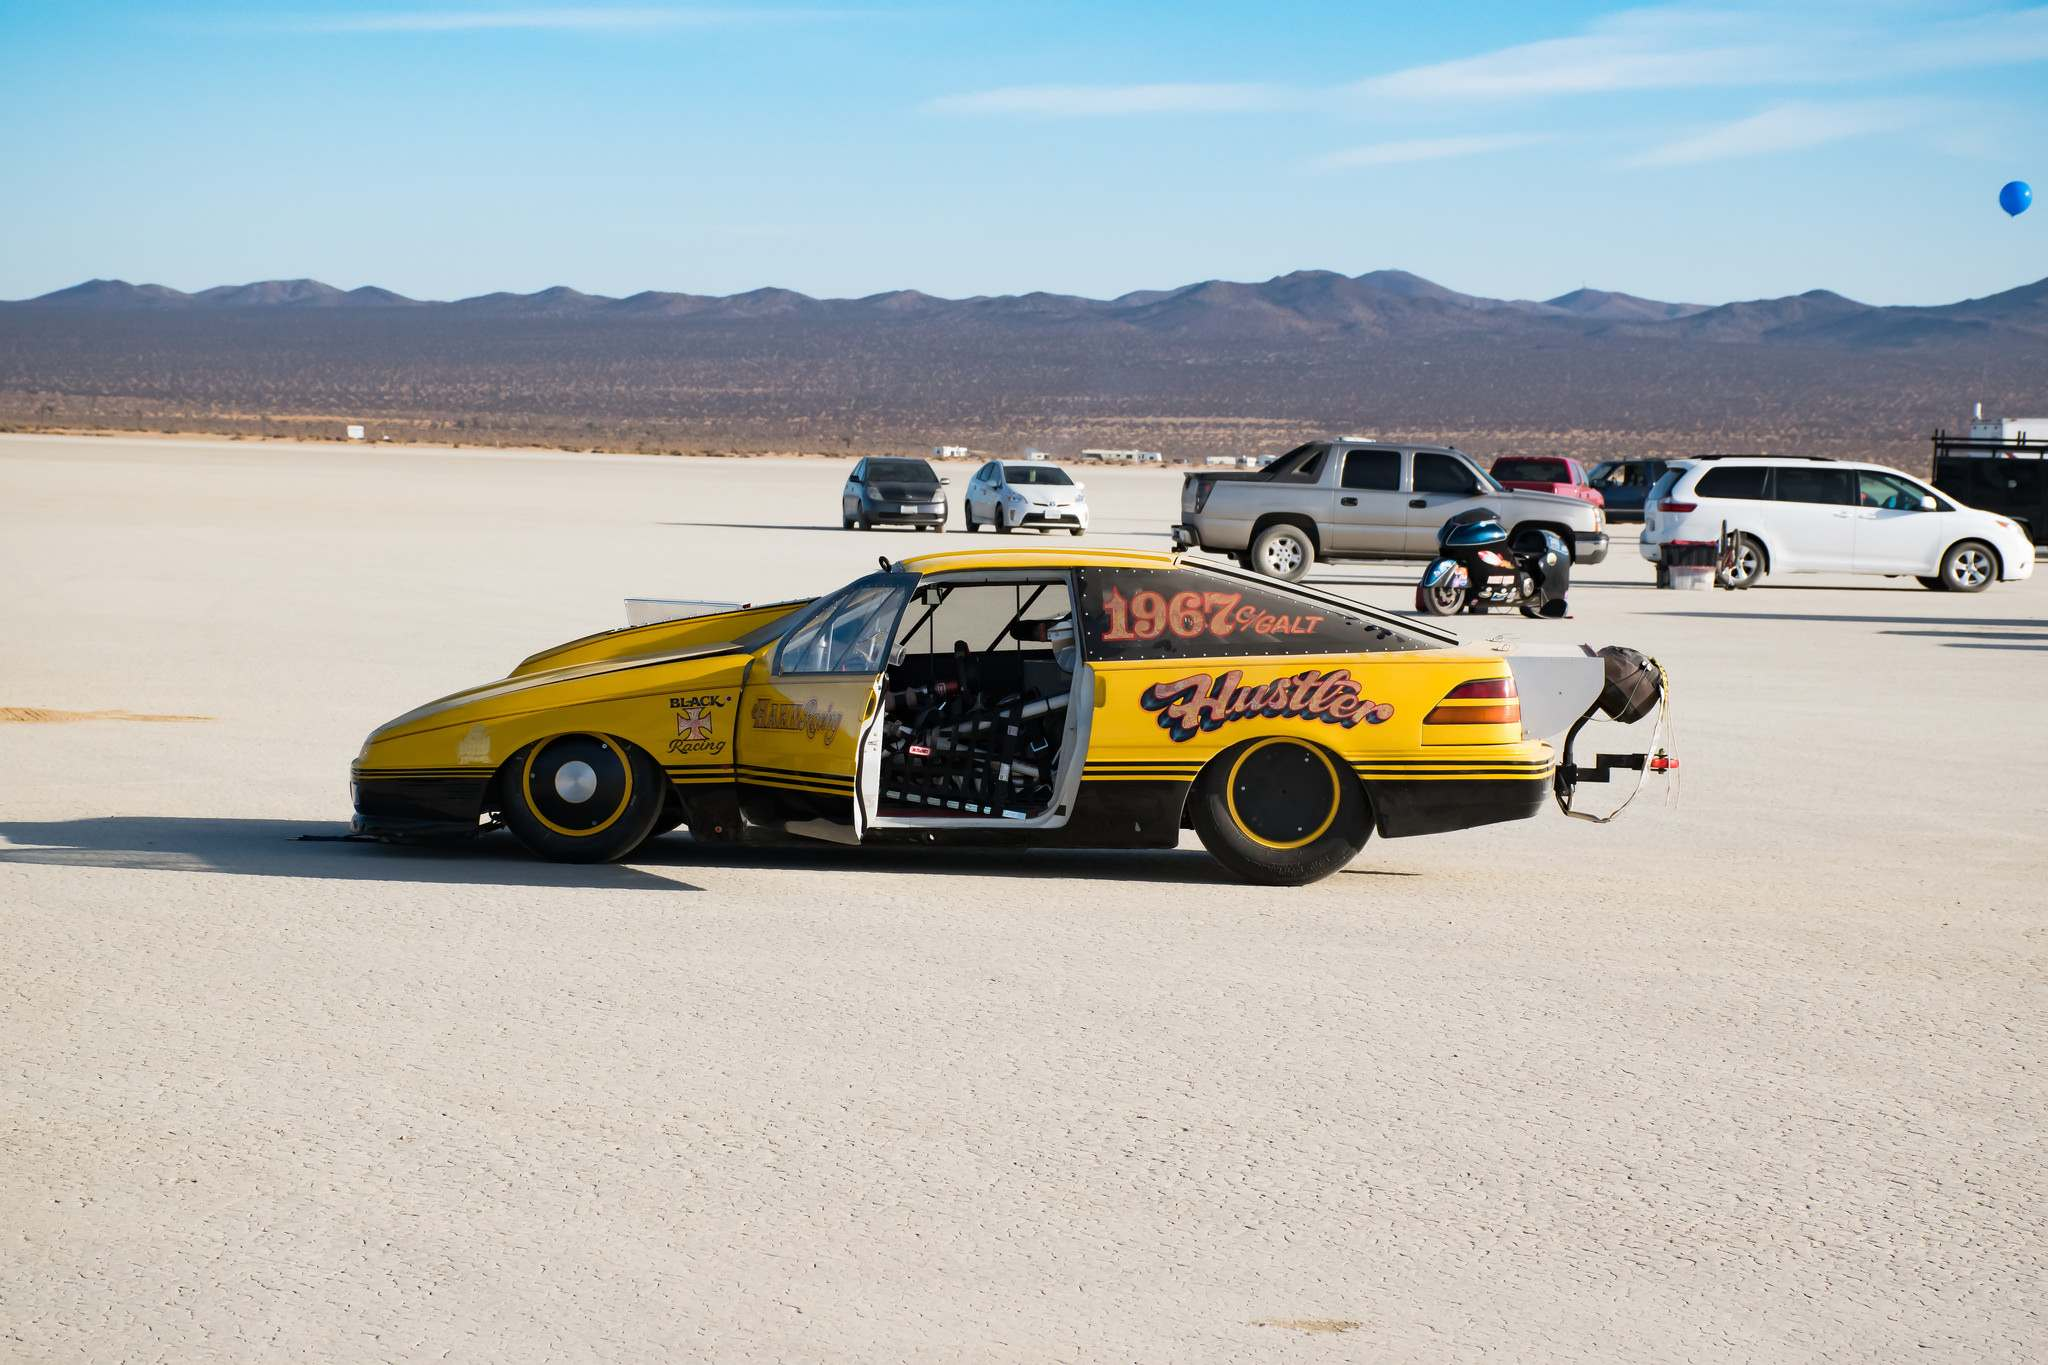 land speed racing10 Speed Racing at El Mirage Dry Lake